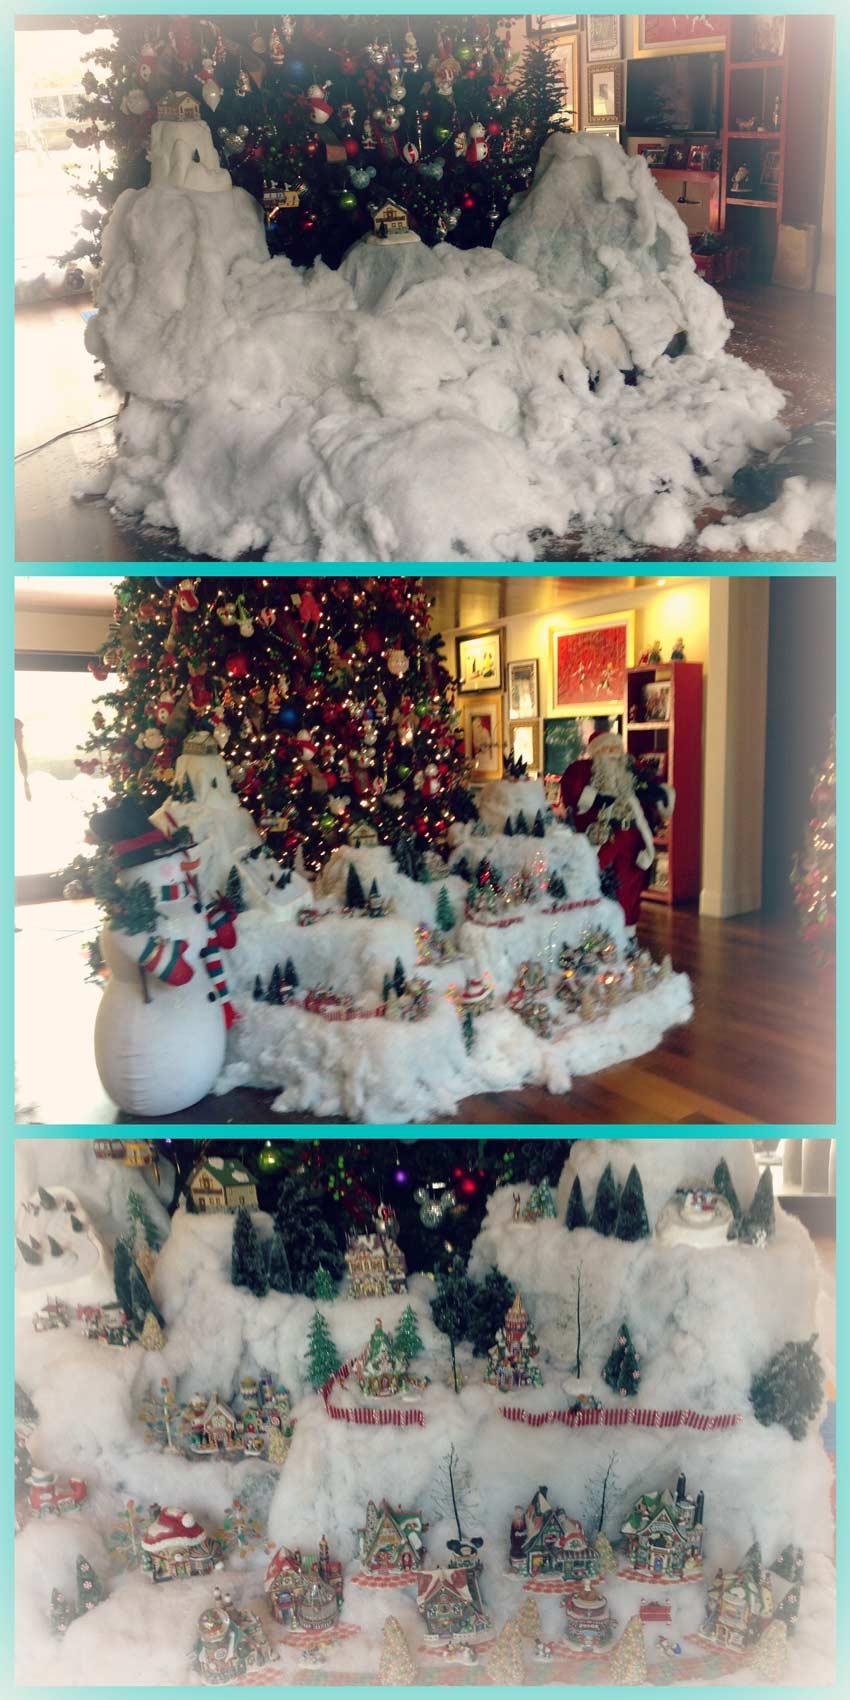 Navidad-Christmas-Decoracion-Navideña-el-pueblito-coca-cola-en-2013